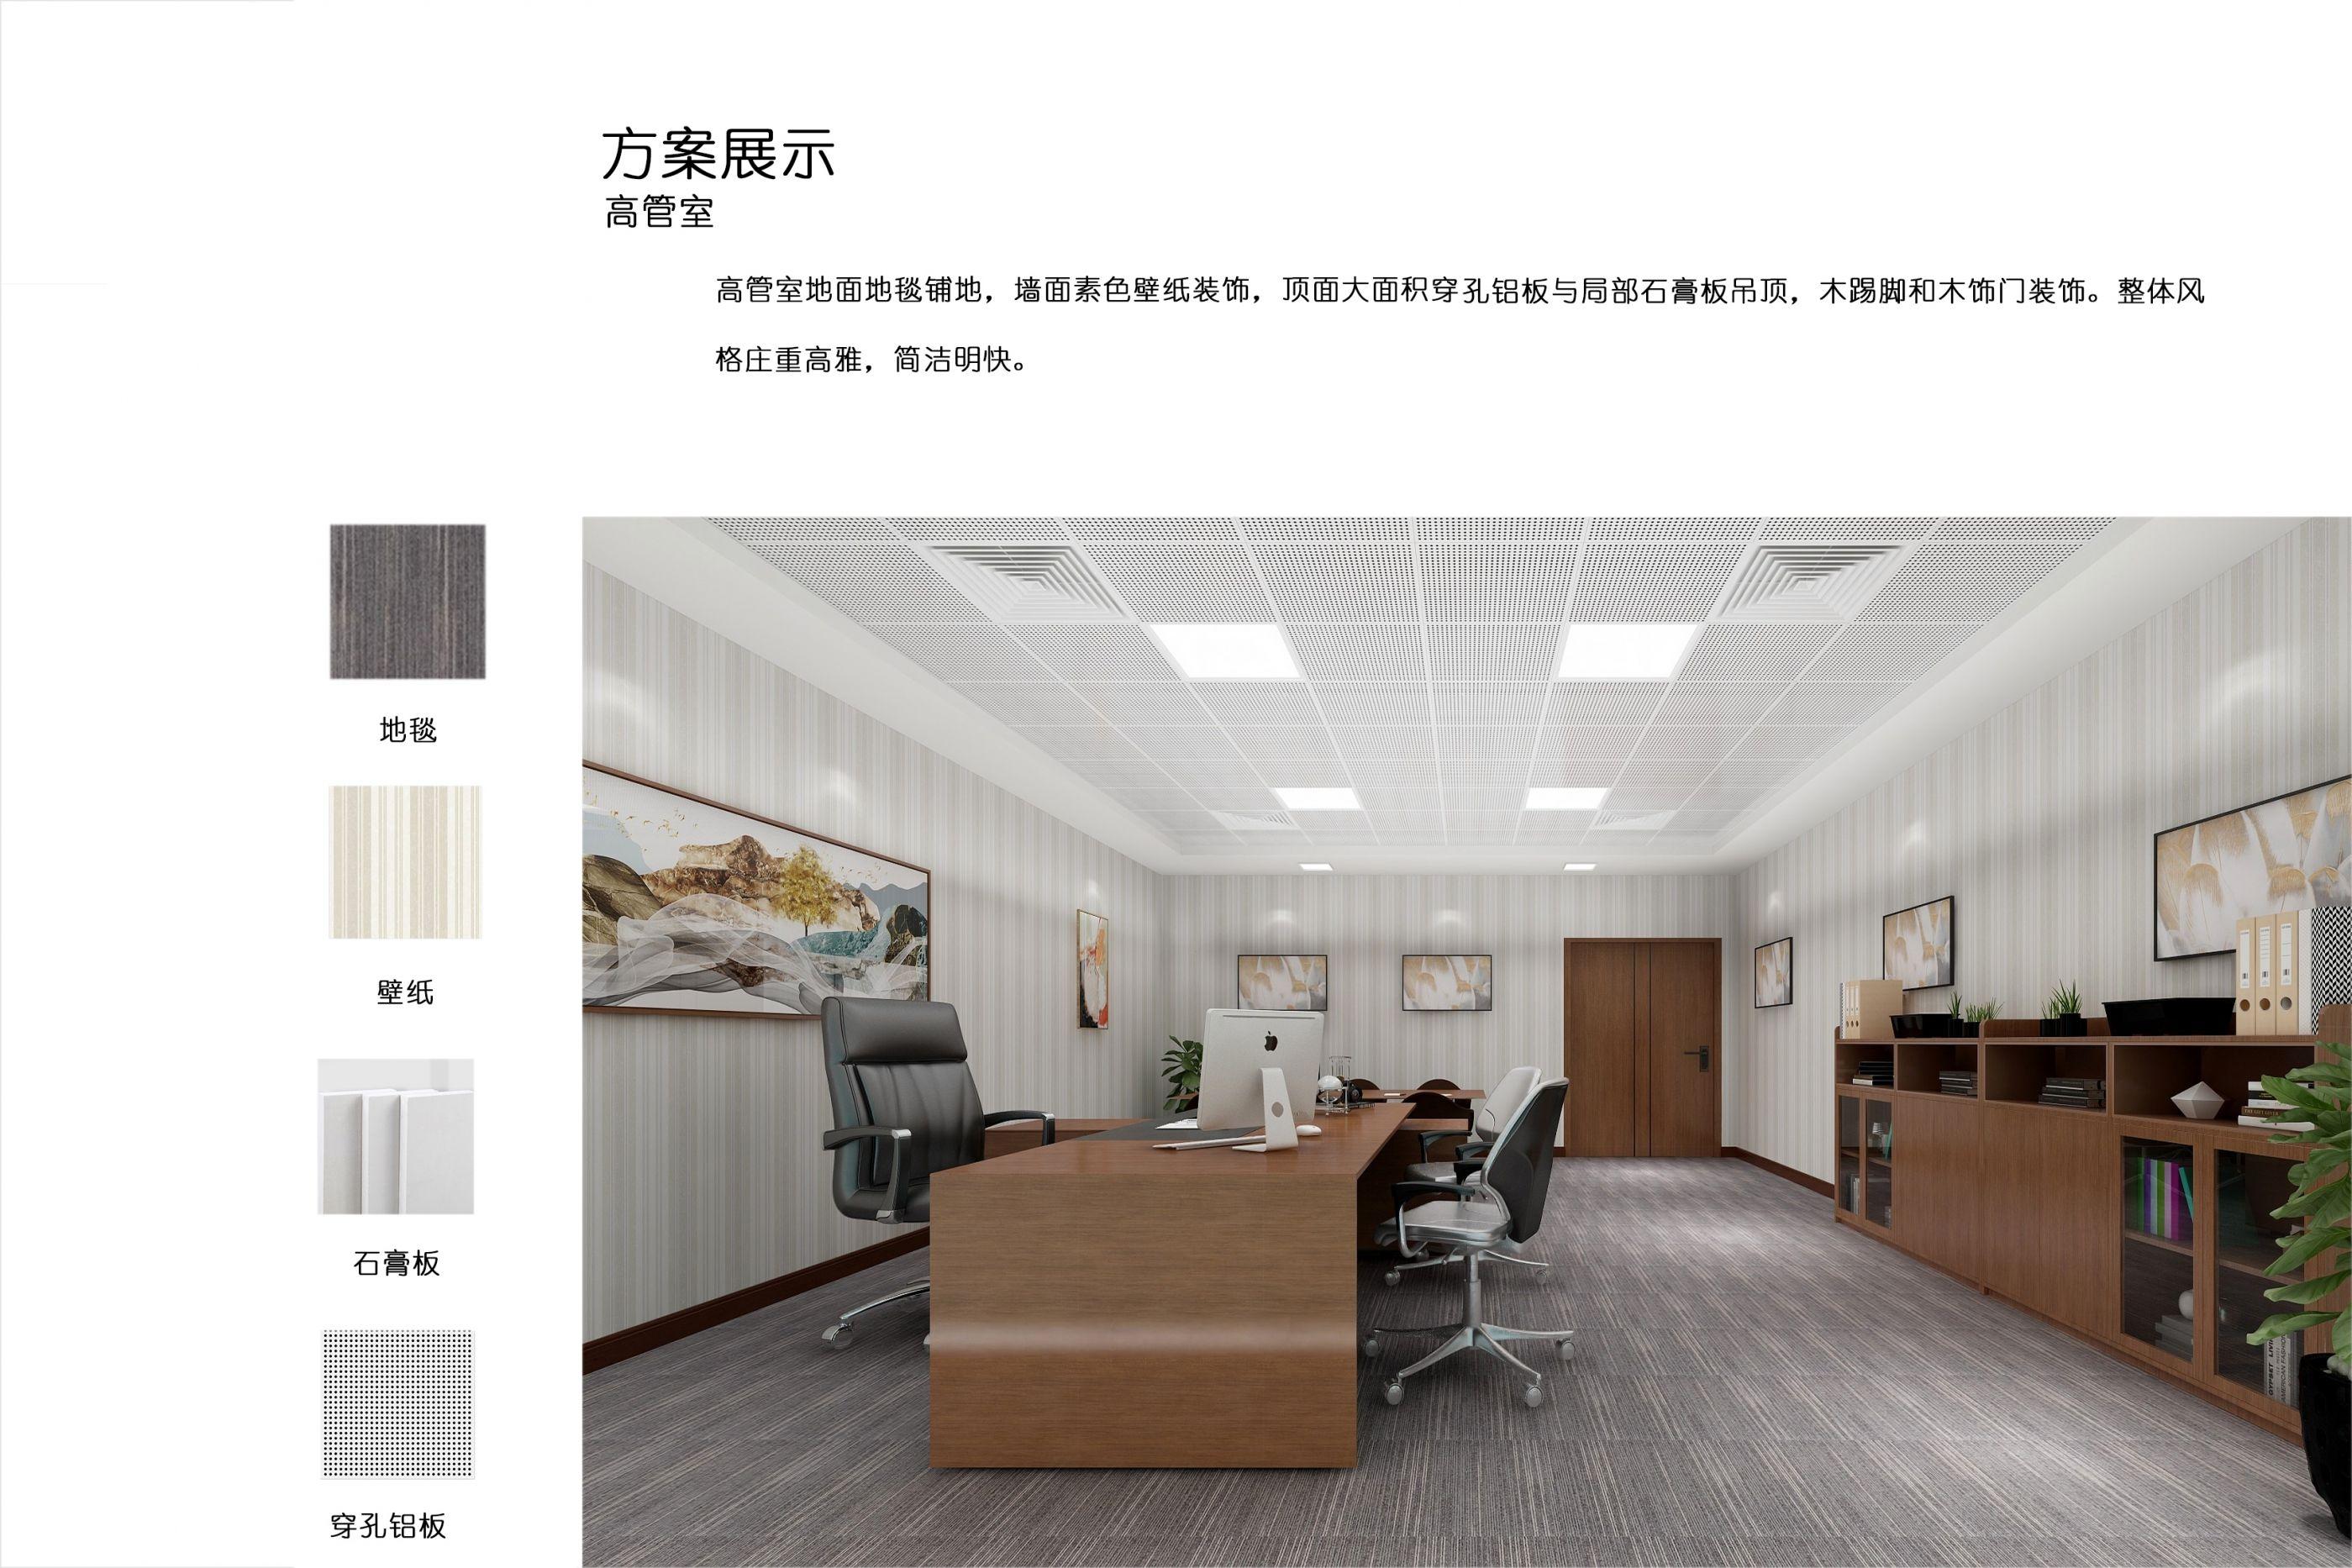 绵阳京东方办公空间设计 飞特网 原创室内设计